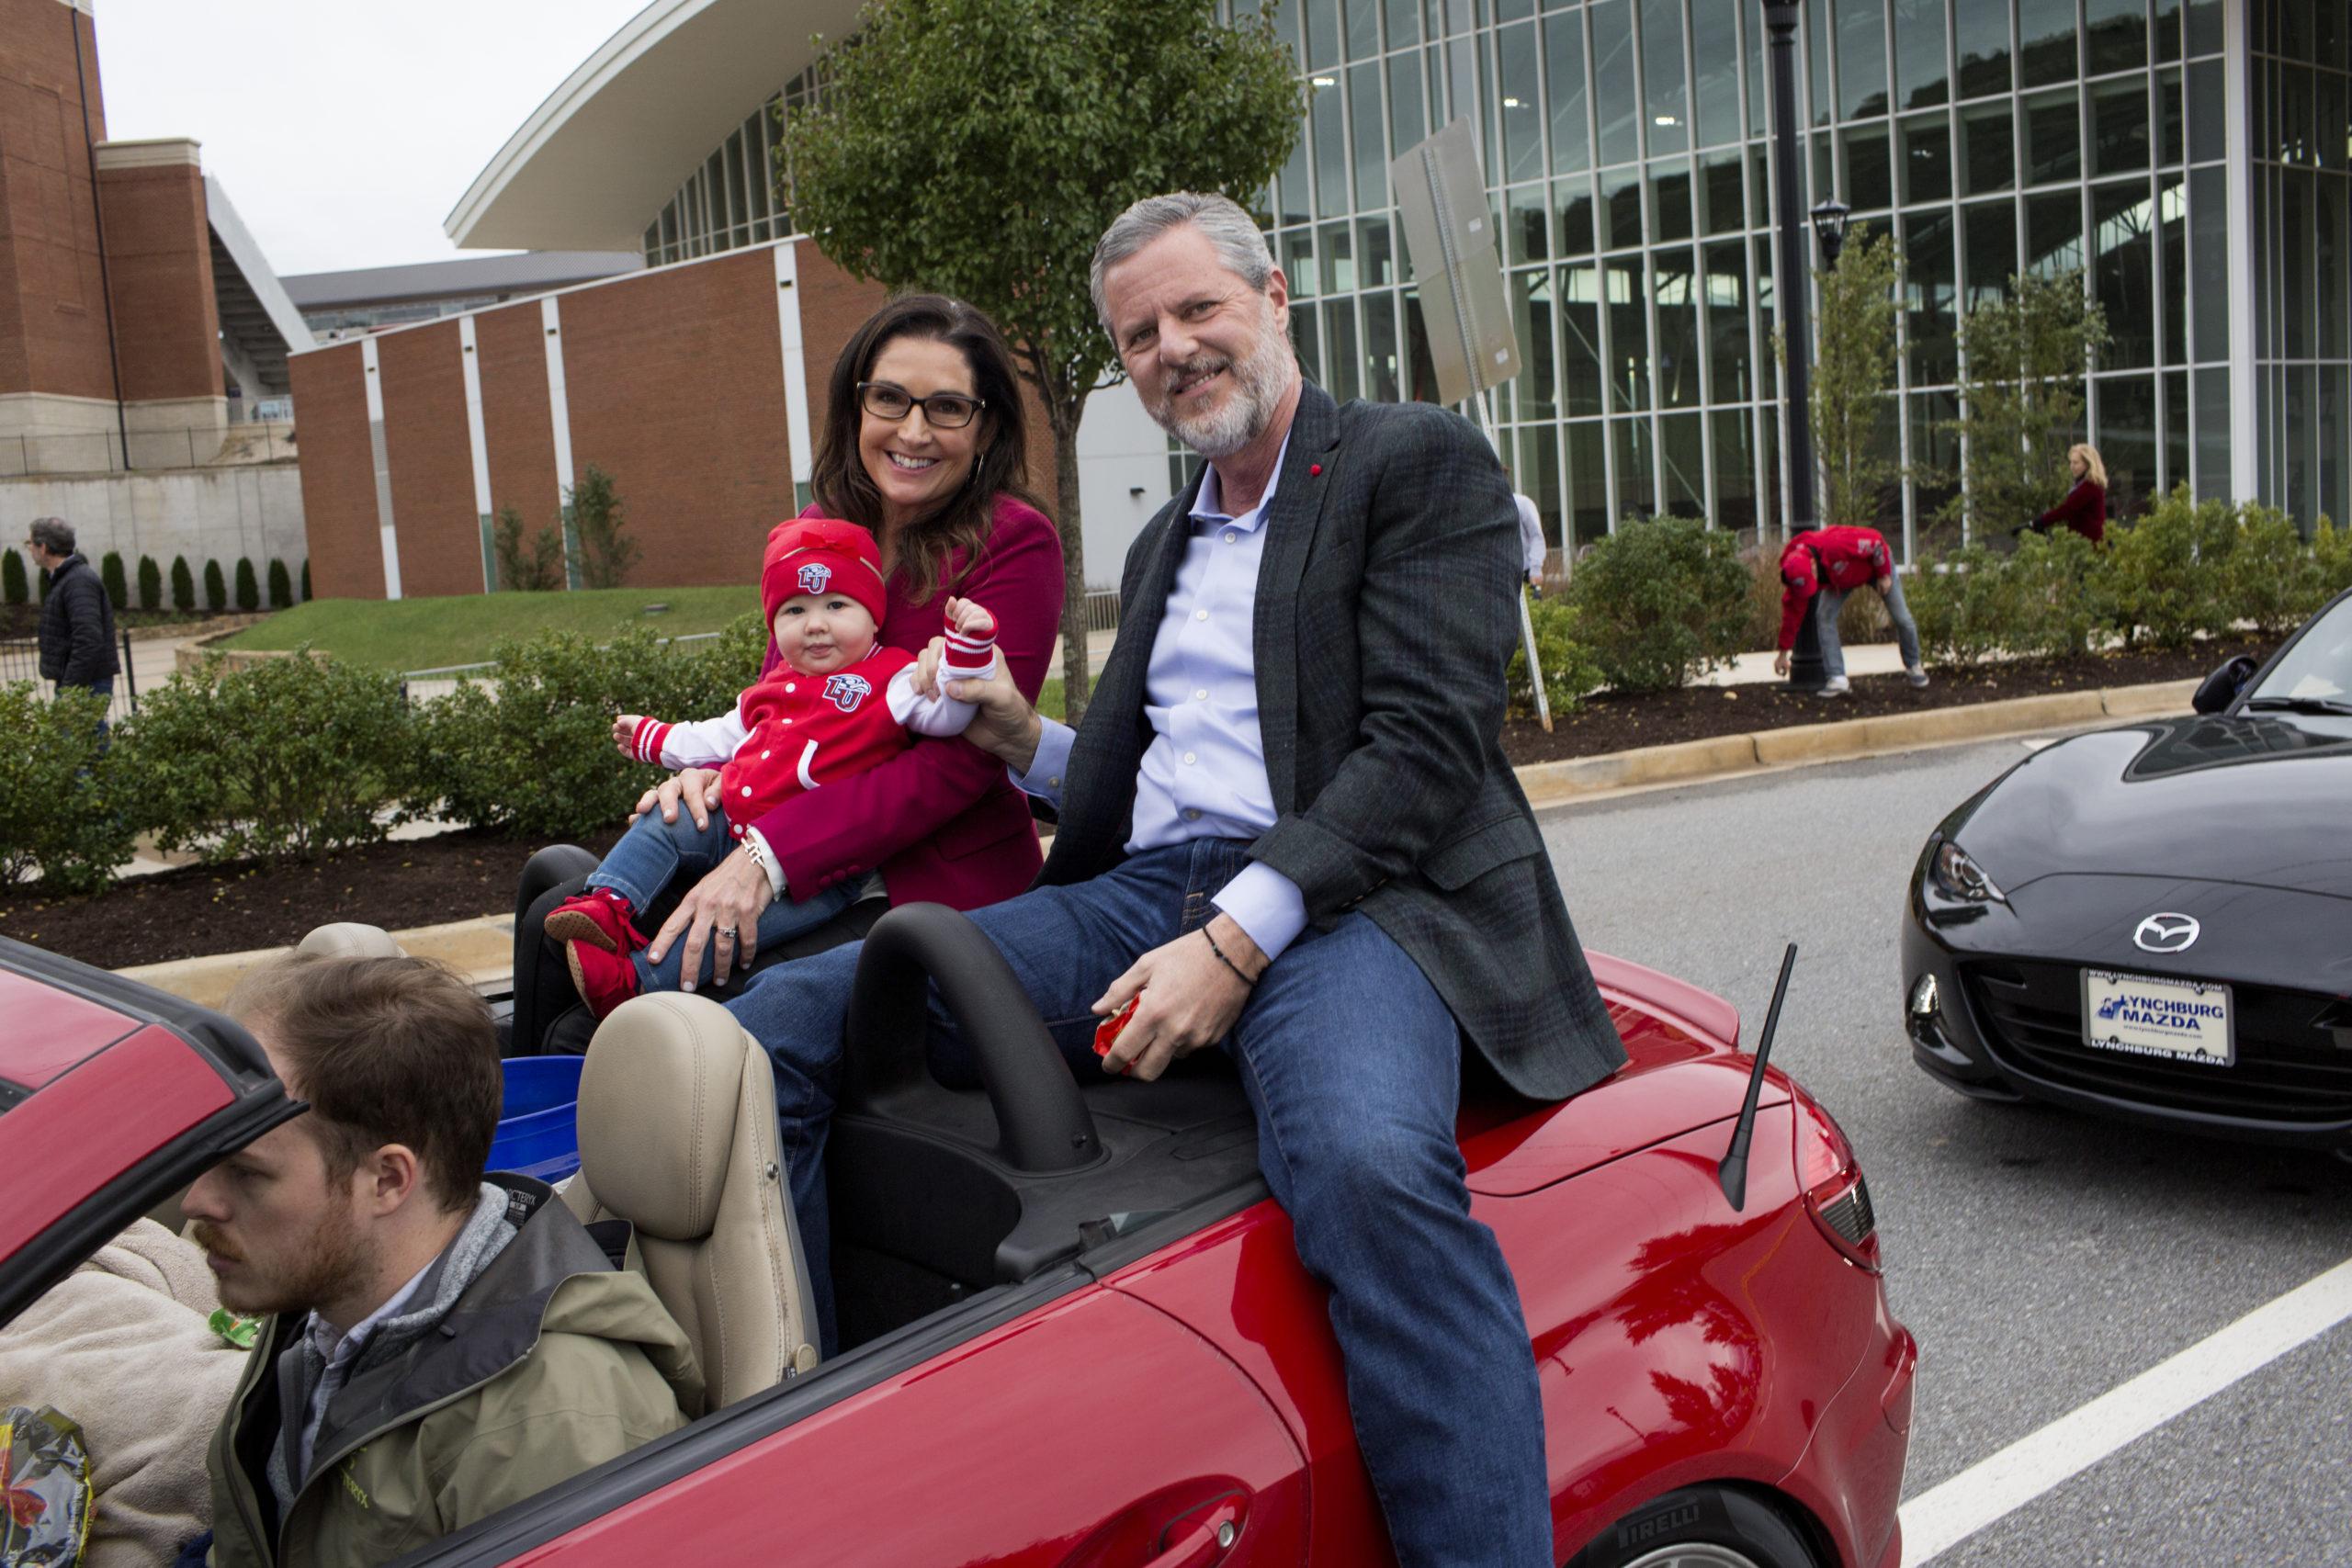 Jerry Falwell Jr., alors président de la Liberty University, monte avec sa femme Becki et un petit-enfant lors du défilé annuel du week-end de retour à l'école le 20 octobre 2018 à Lynchburg, en Virginie.